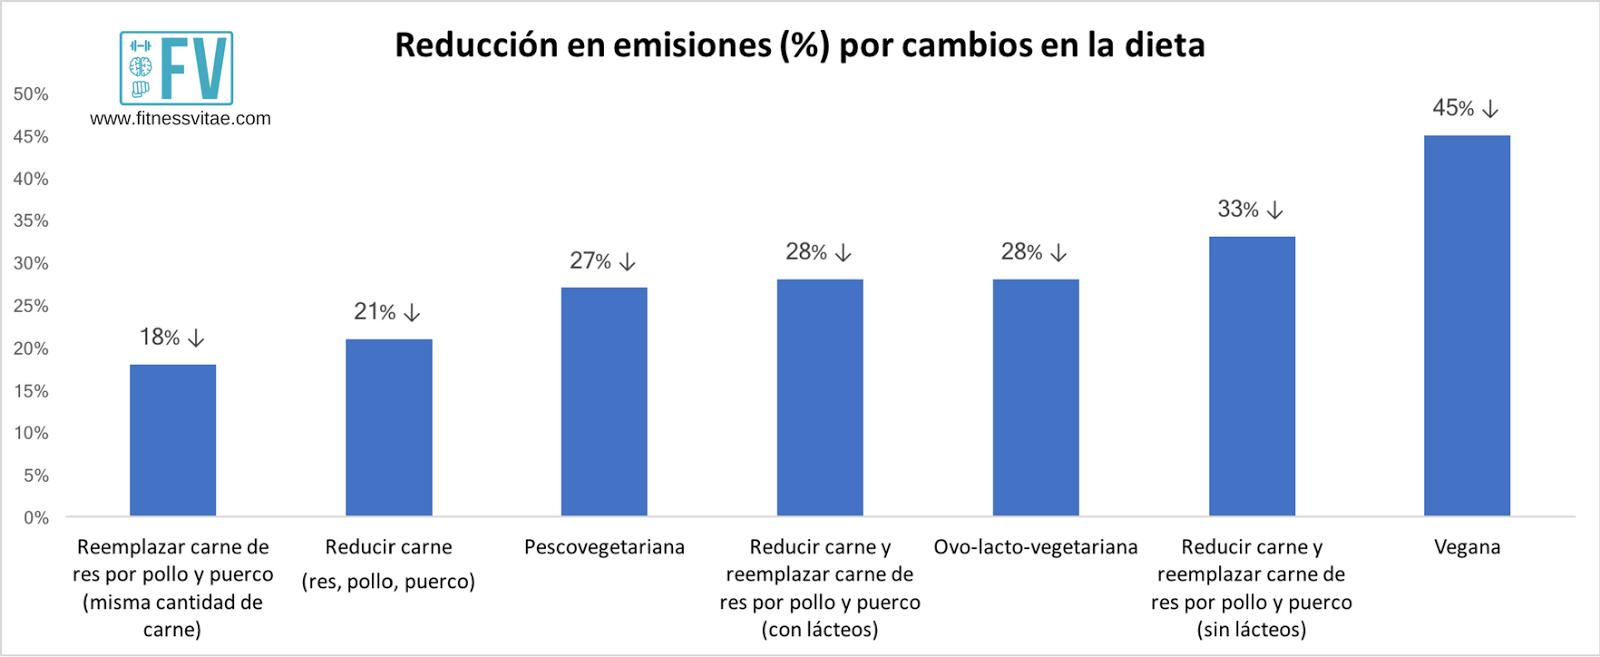 emisiones dietas